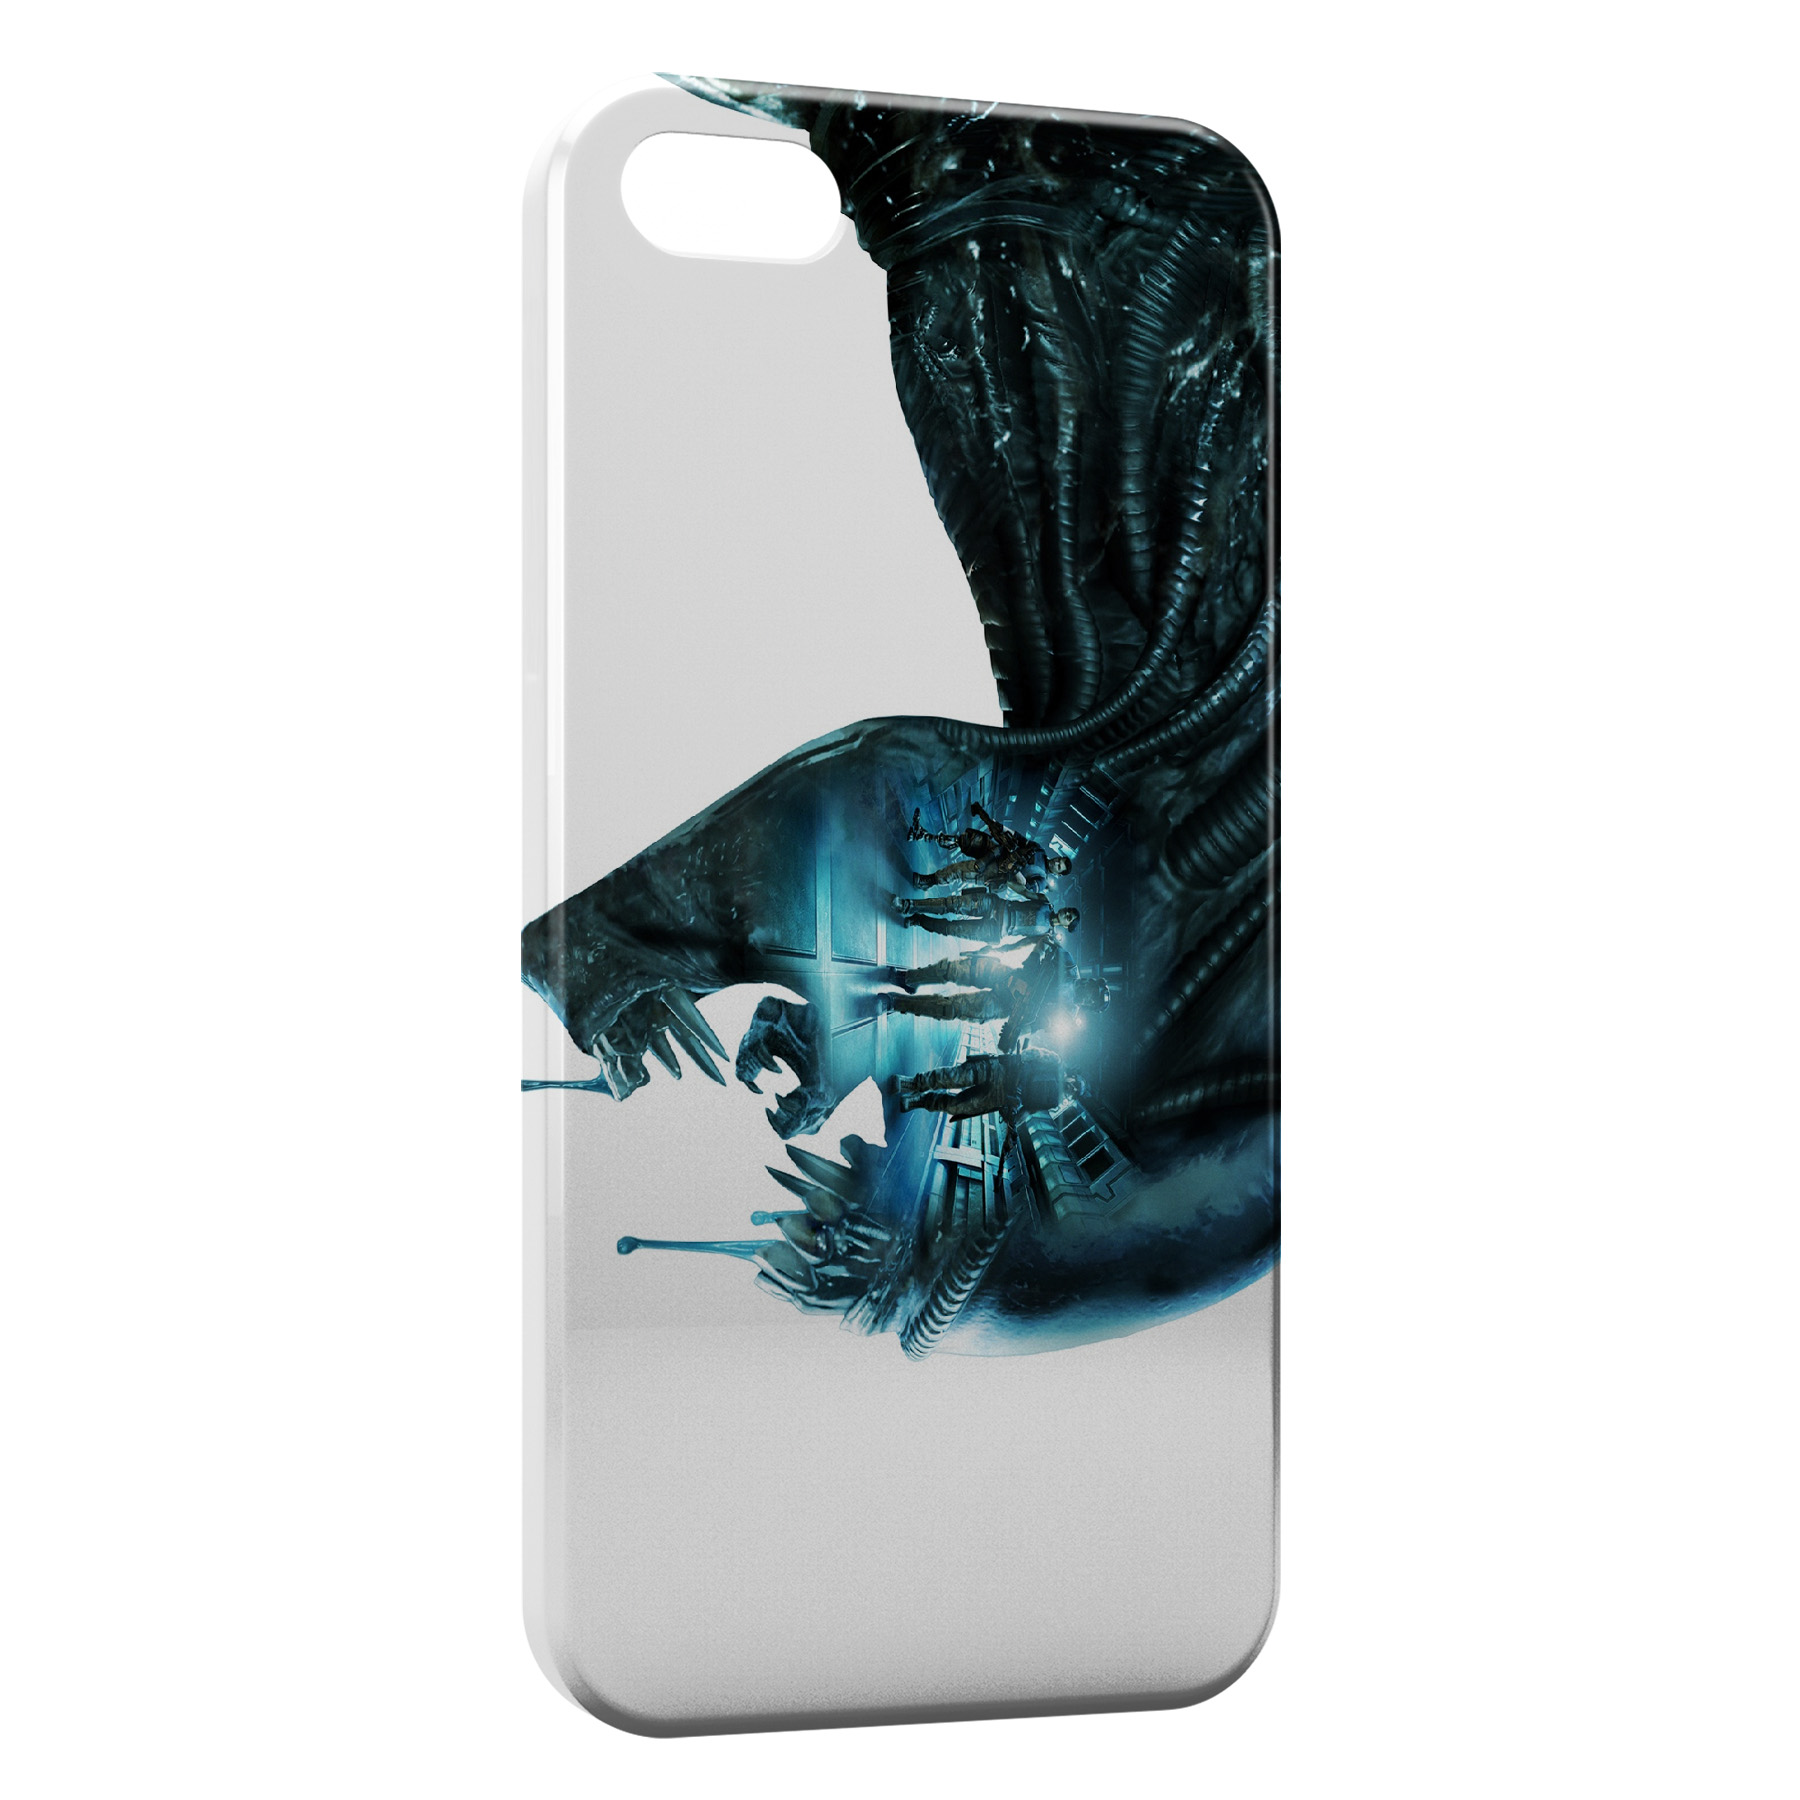 Coque iPhone 5C Aliens